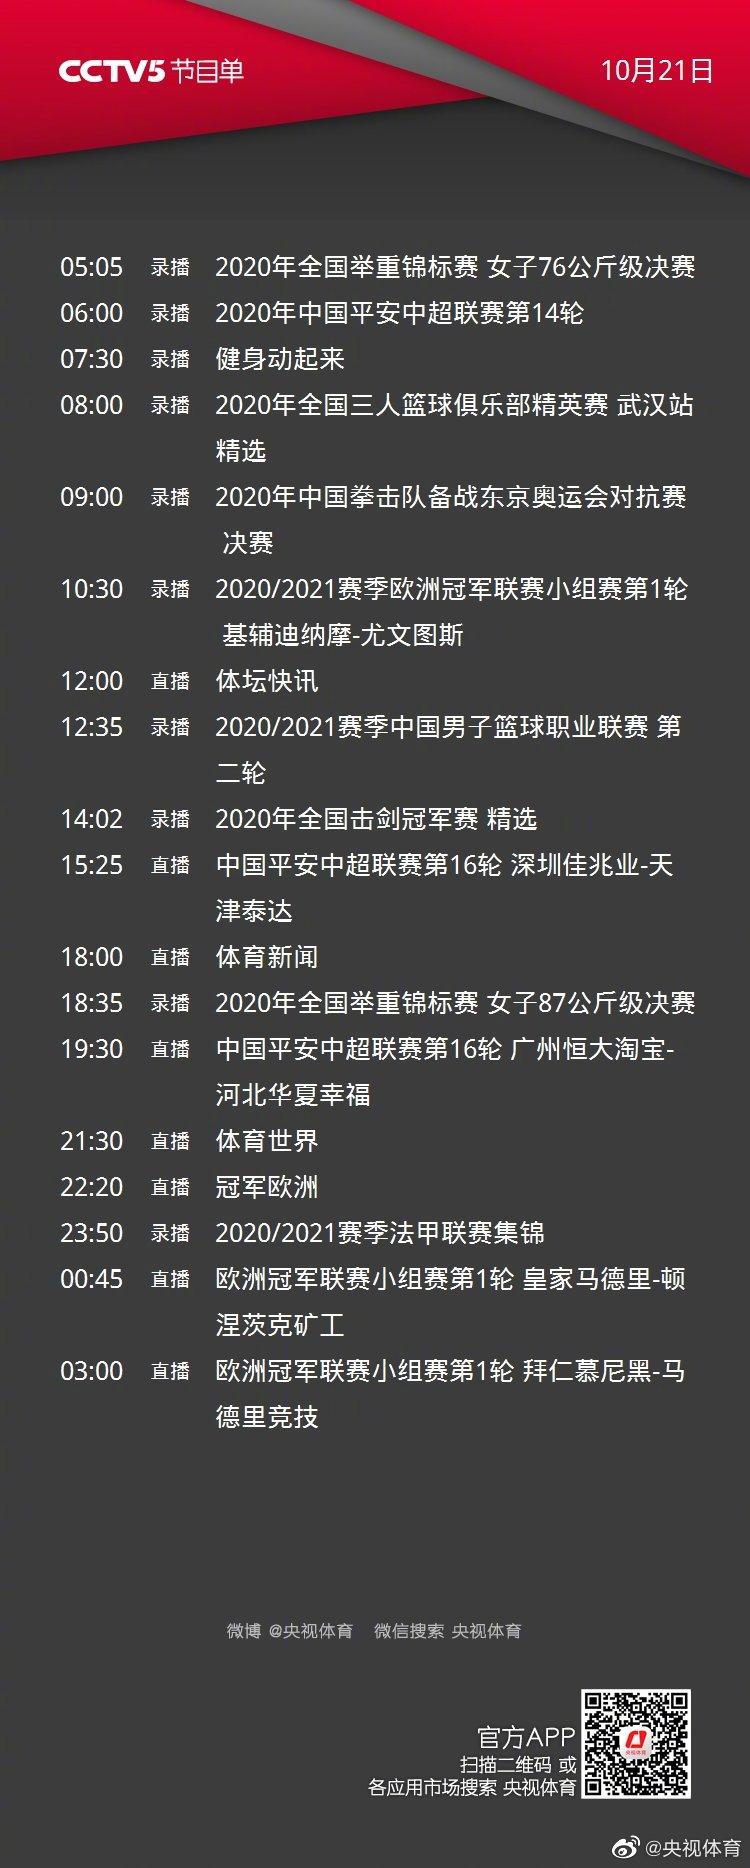 明天是2020年10月21日,15点25直播中超深圳对阵泰达